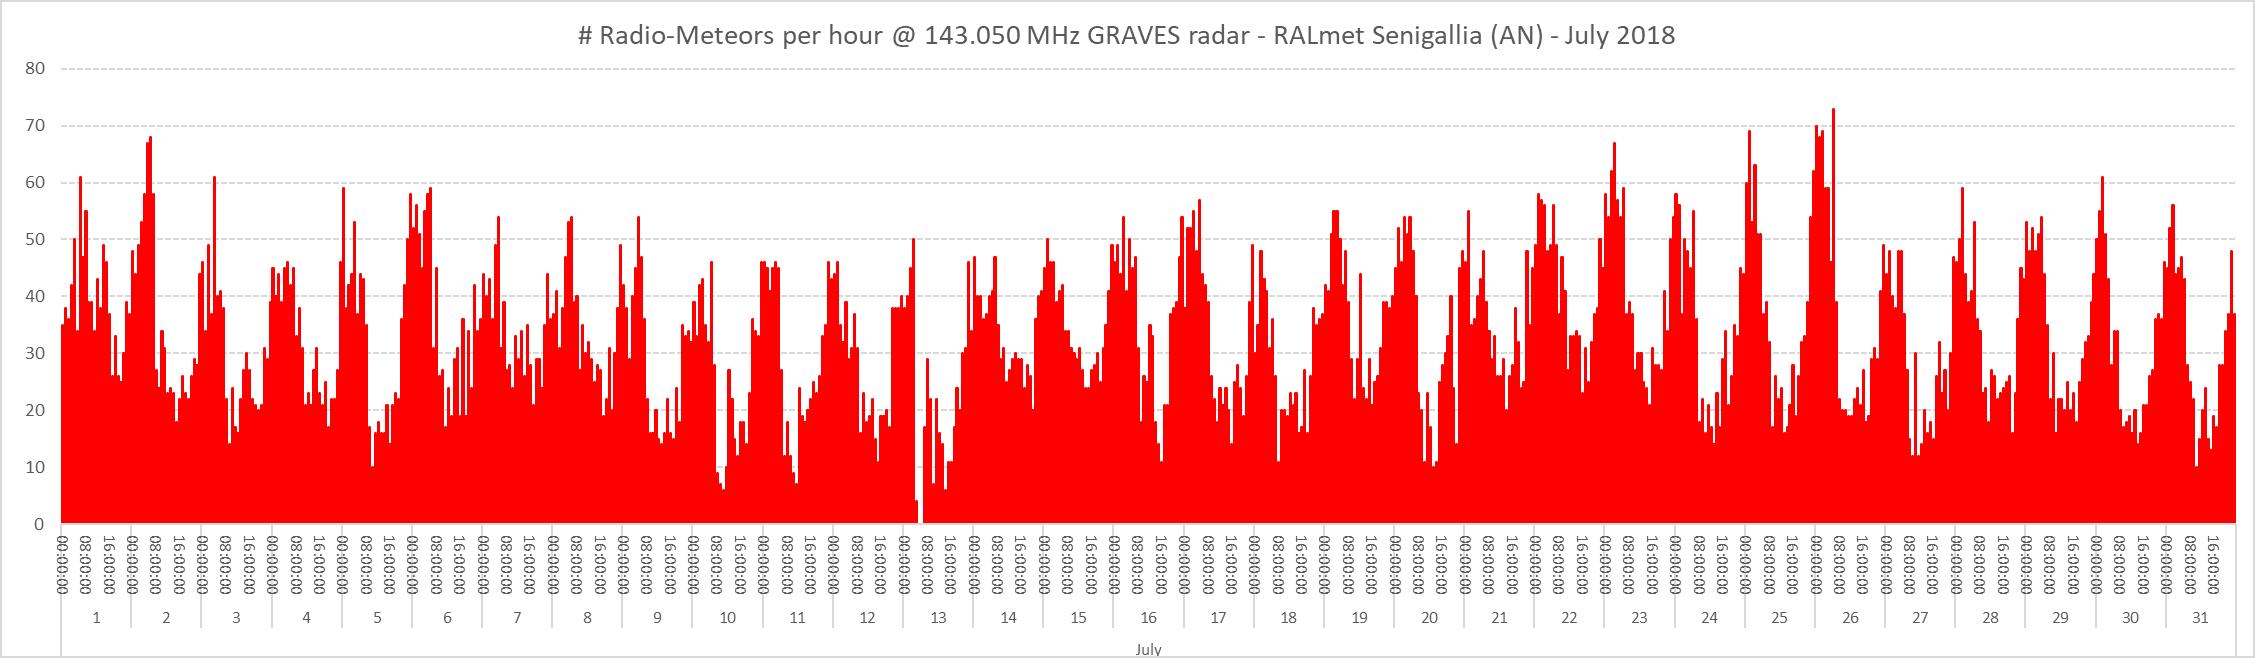 Conteggio del numero di radio-meteore per ora nel mese di Luglio 2018.